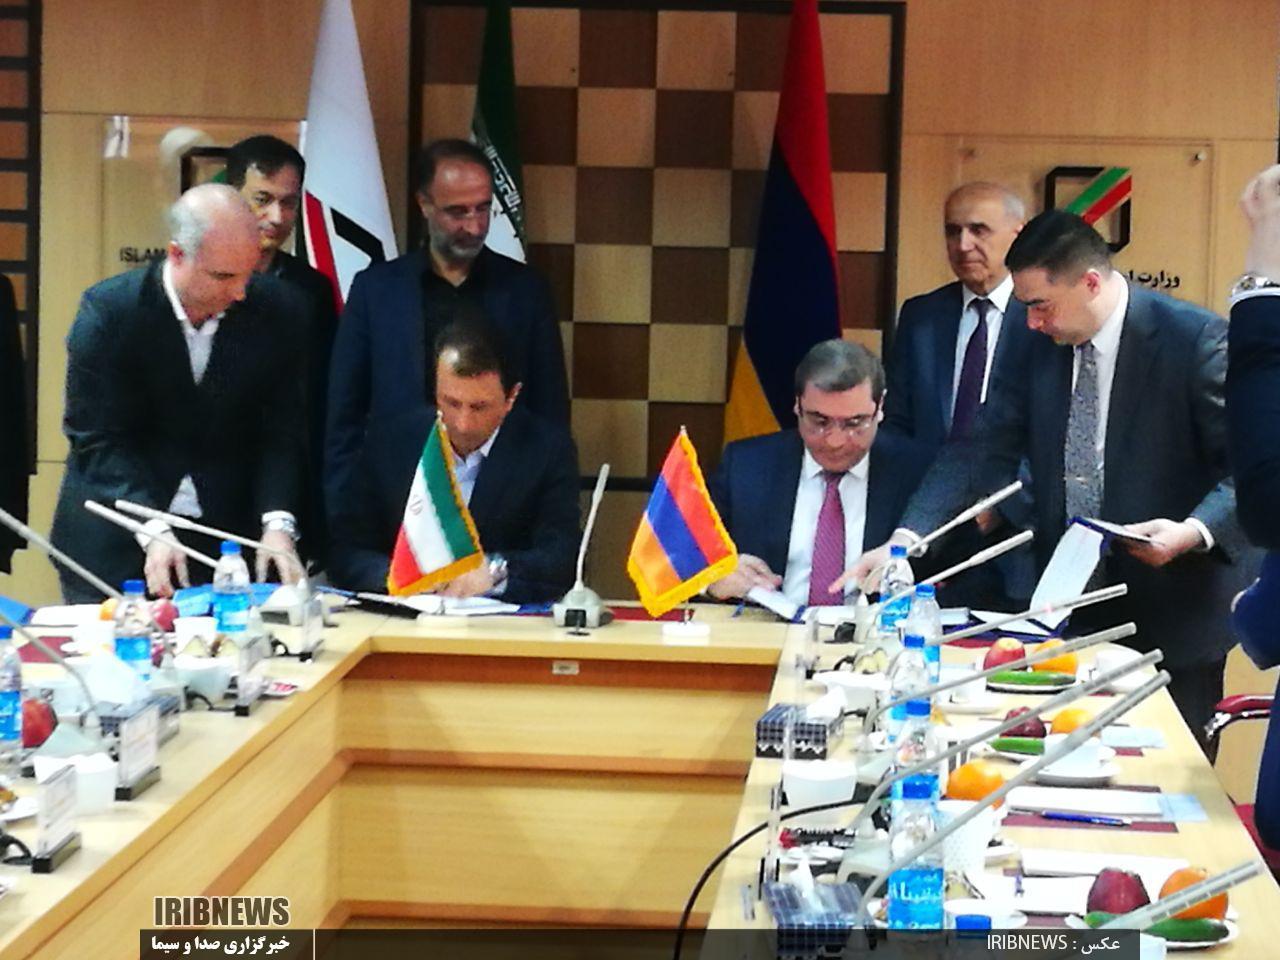 امضای یادداشت تفاهم تبادل ارزش گمرکی با ارمنستان - 14